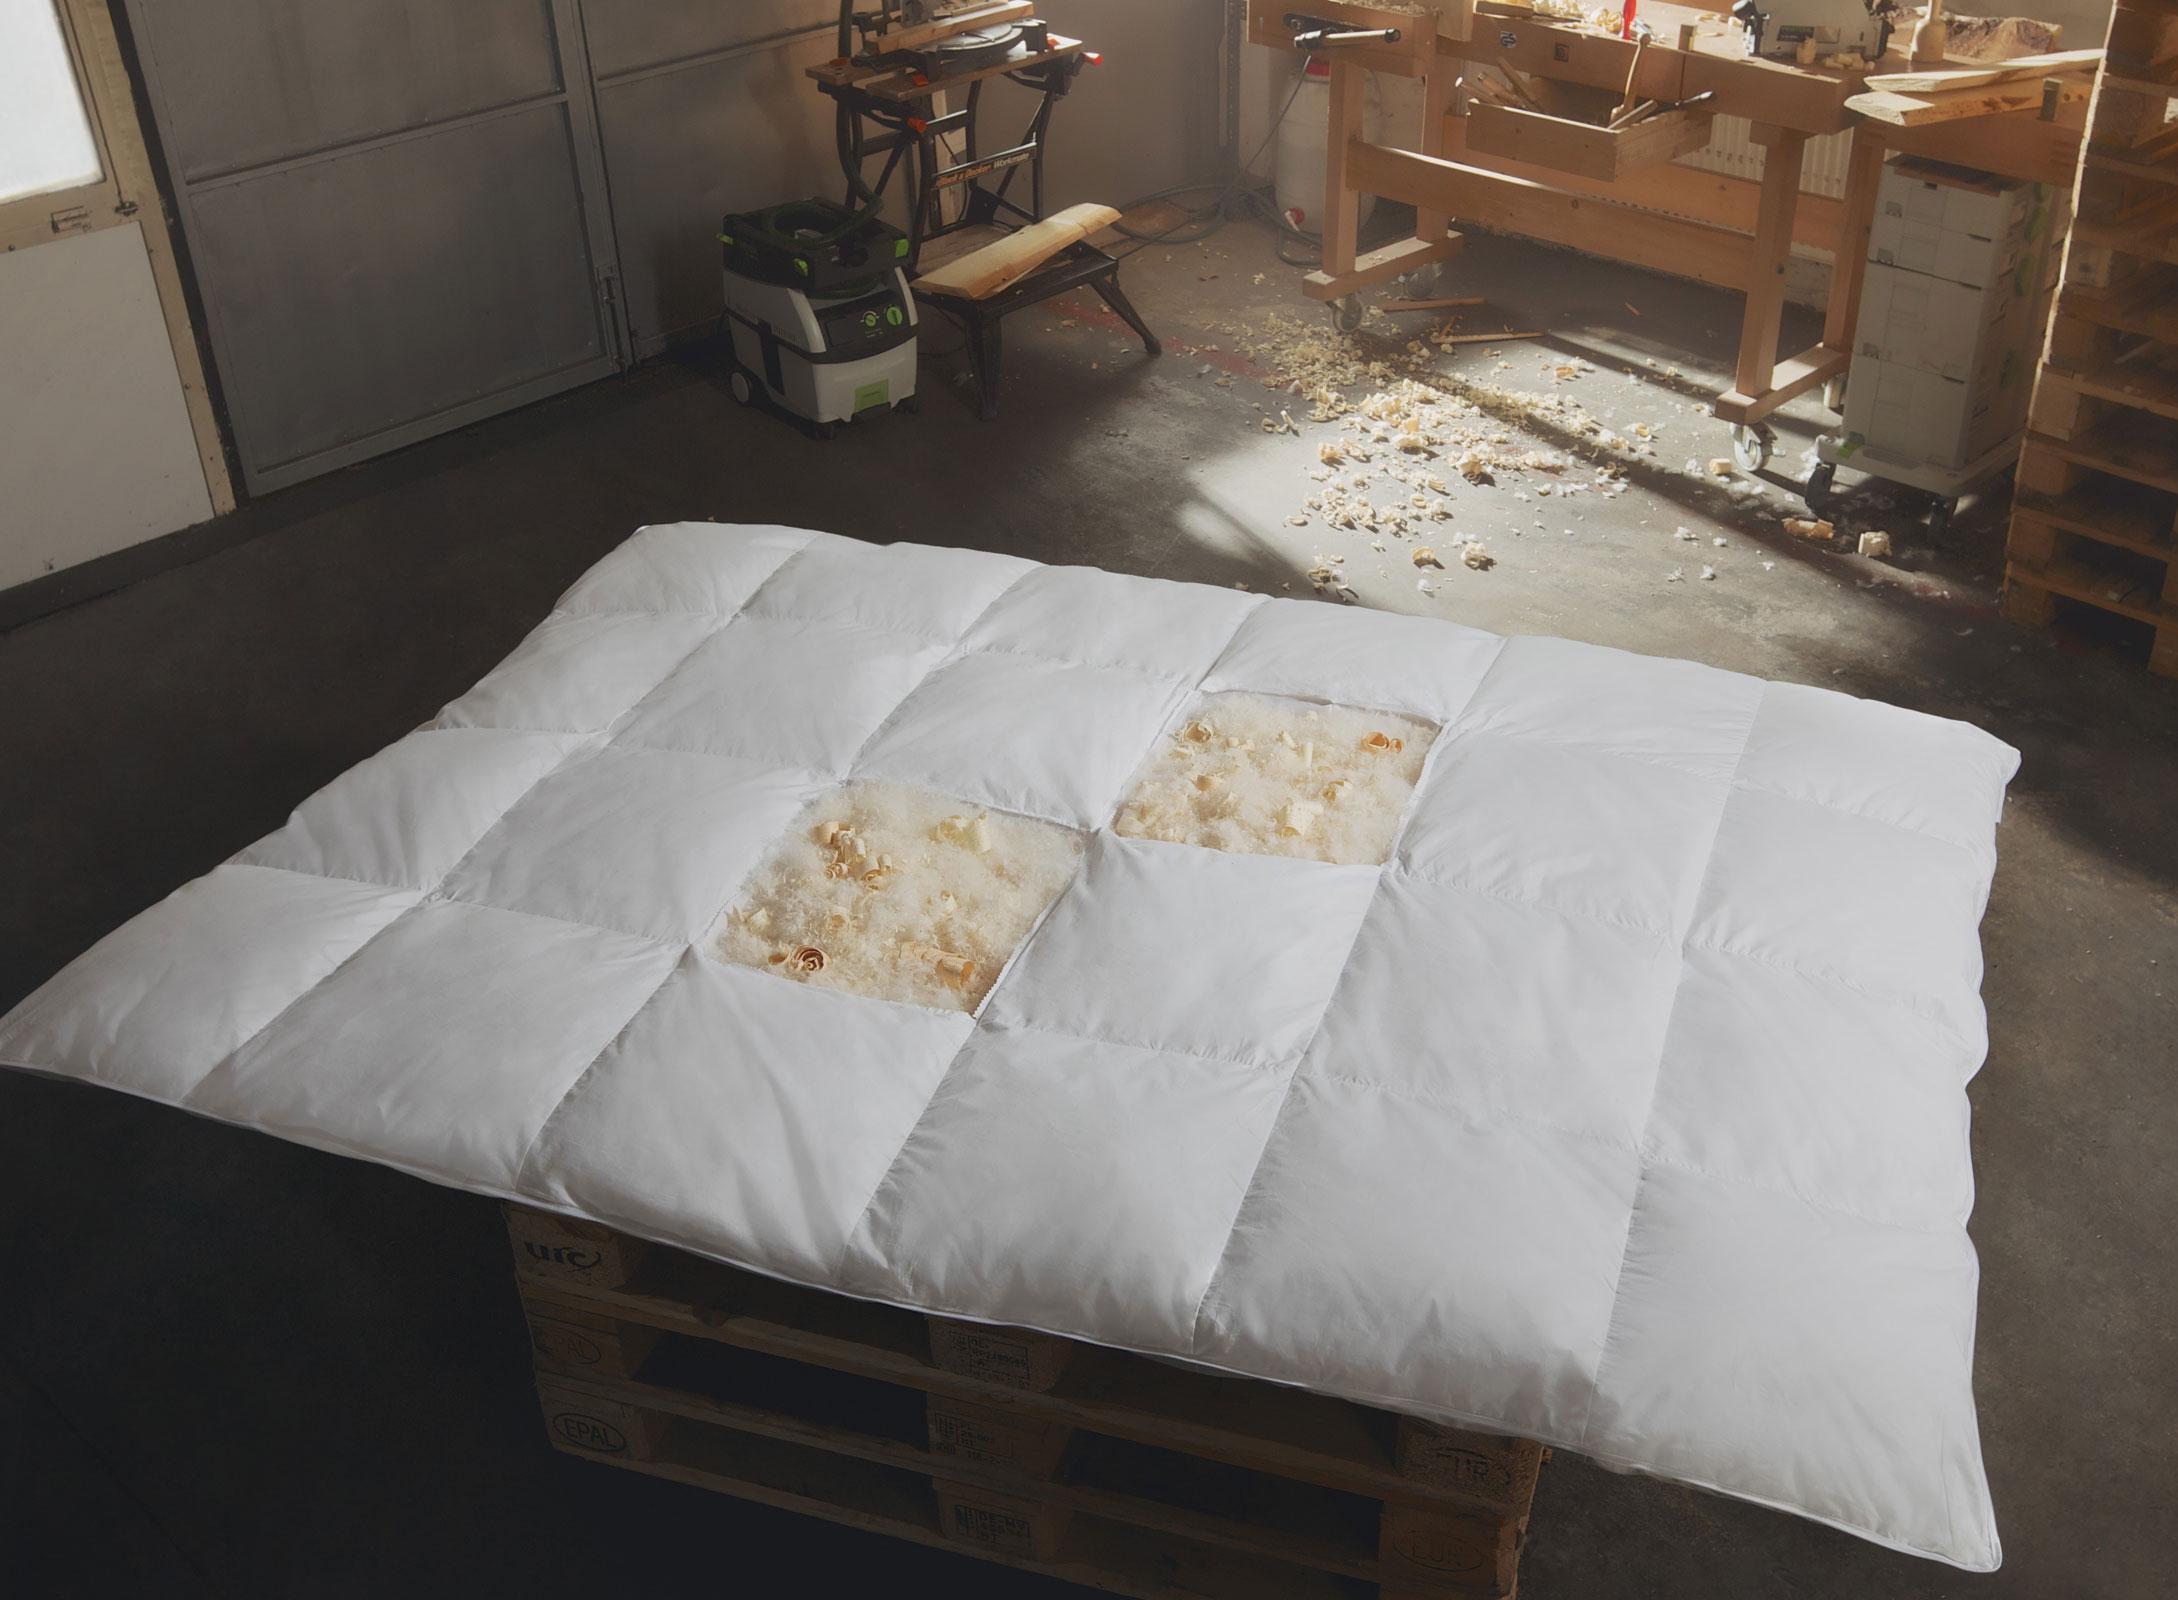 Bettdecken und Kopfkissen - Zirben Daunen Bettdecke Ganzjahresbett leicht 155x220 Hermetic® Zirbe  - Onlineshop PremiumShop321